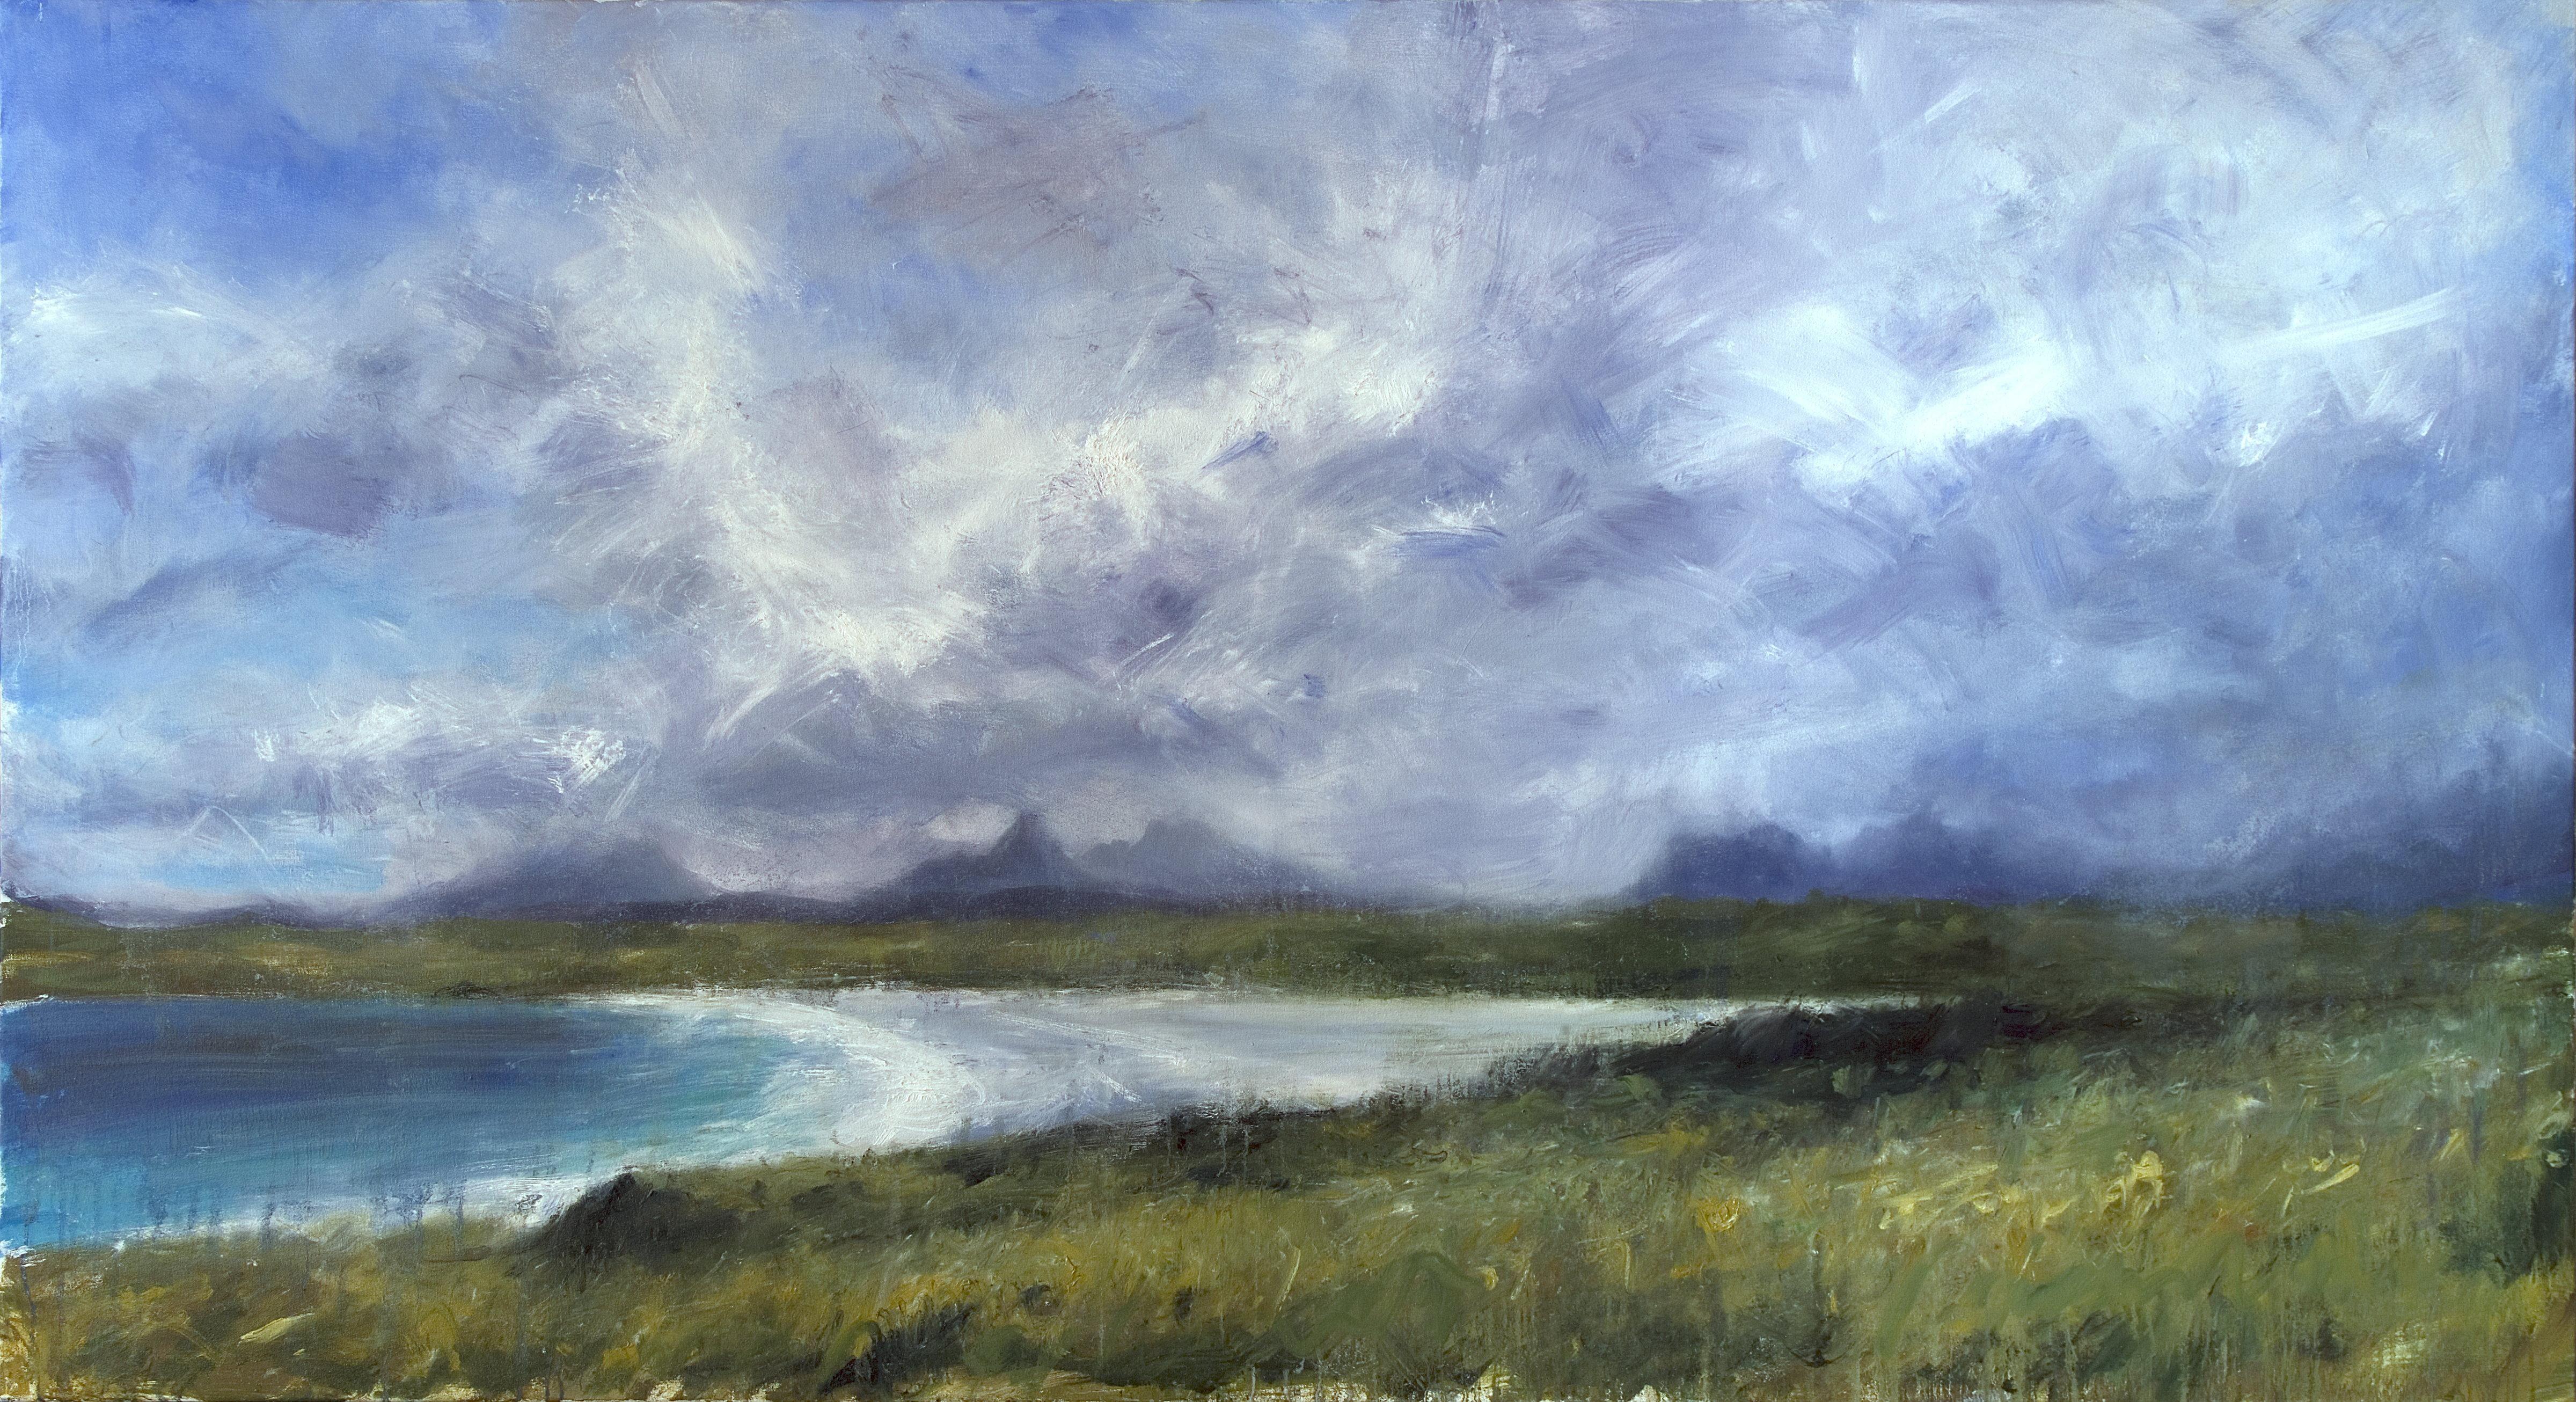 Jonathan Shearer | Achnahaird Beach | Oil on Canvas | http://www.artistics.com/en/art/jonathan_shearer/achnahaird-beach